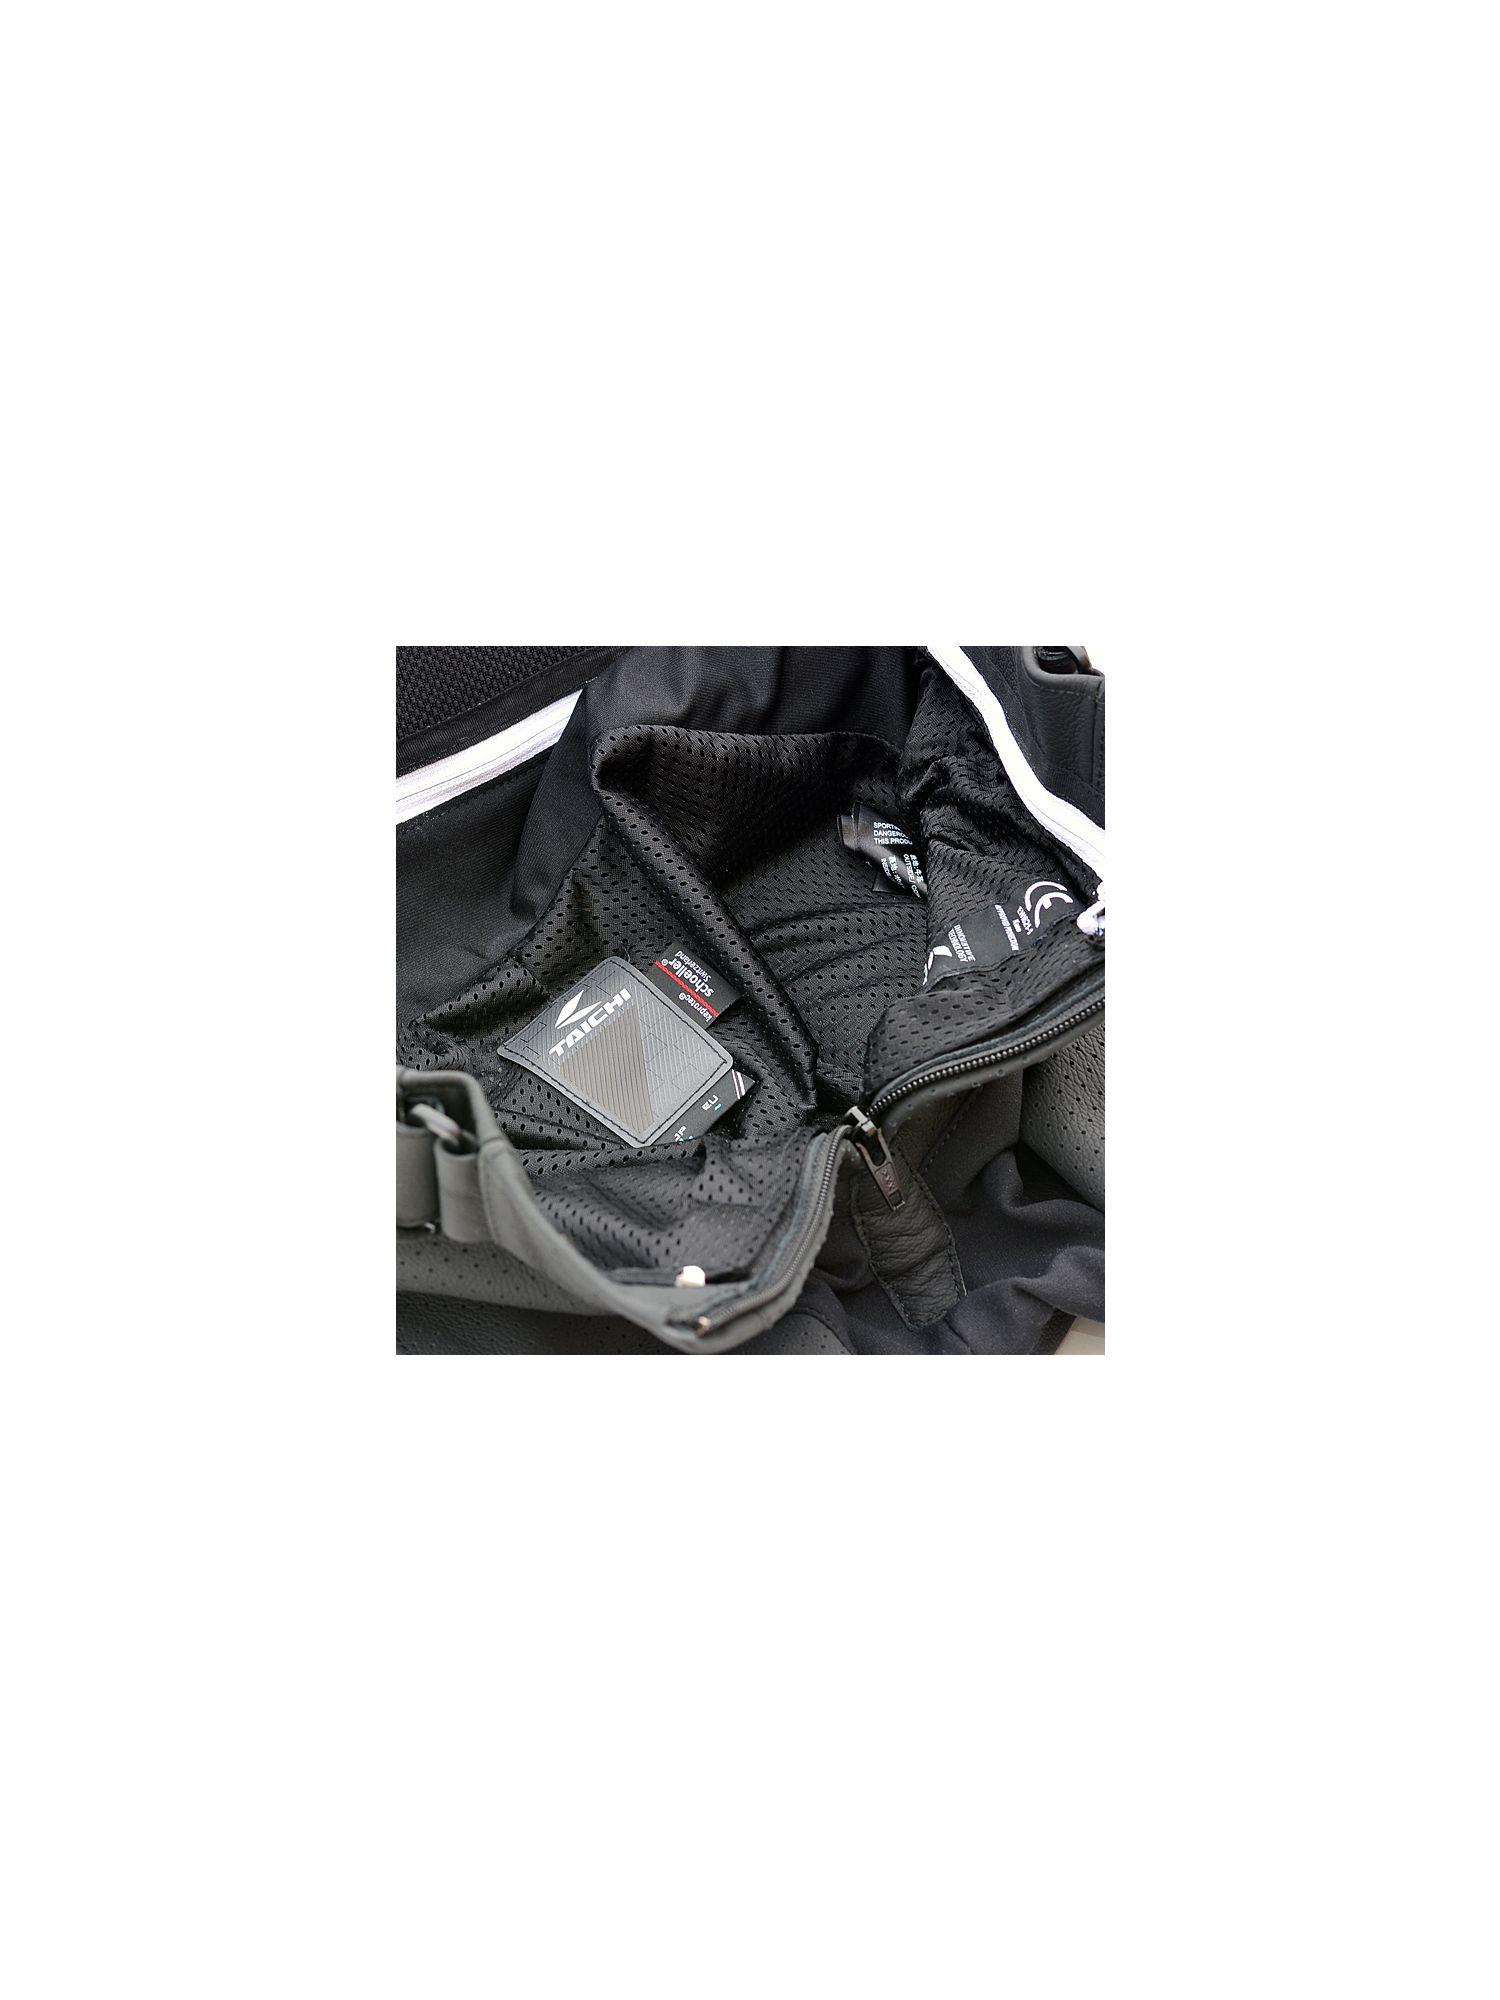 RSY828 | GMX アロー レザーパンツ[2colors]